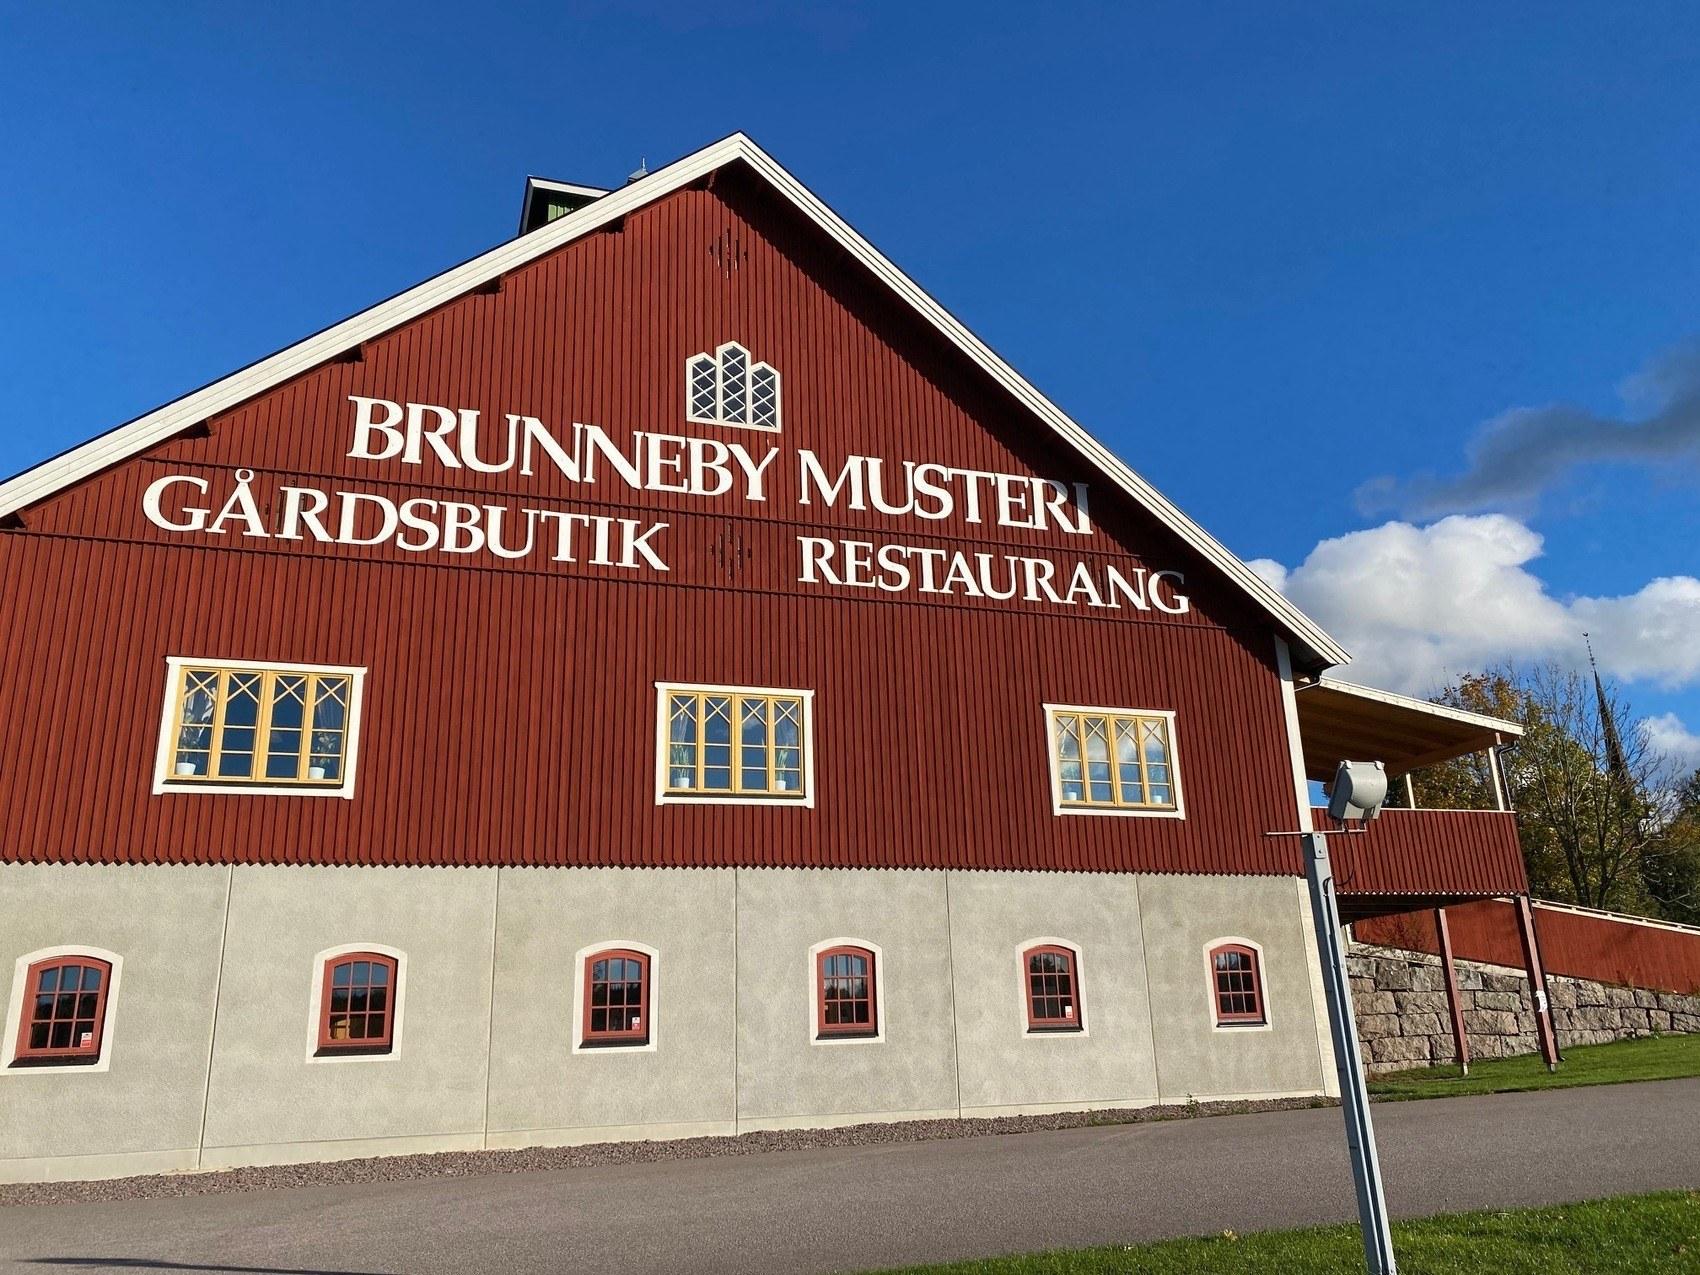 Stor röd lada med texten Brunneby Musteri på gaveln.